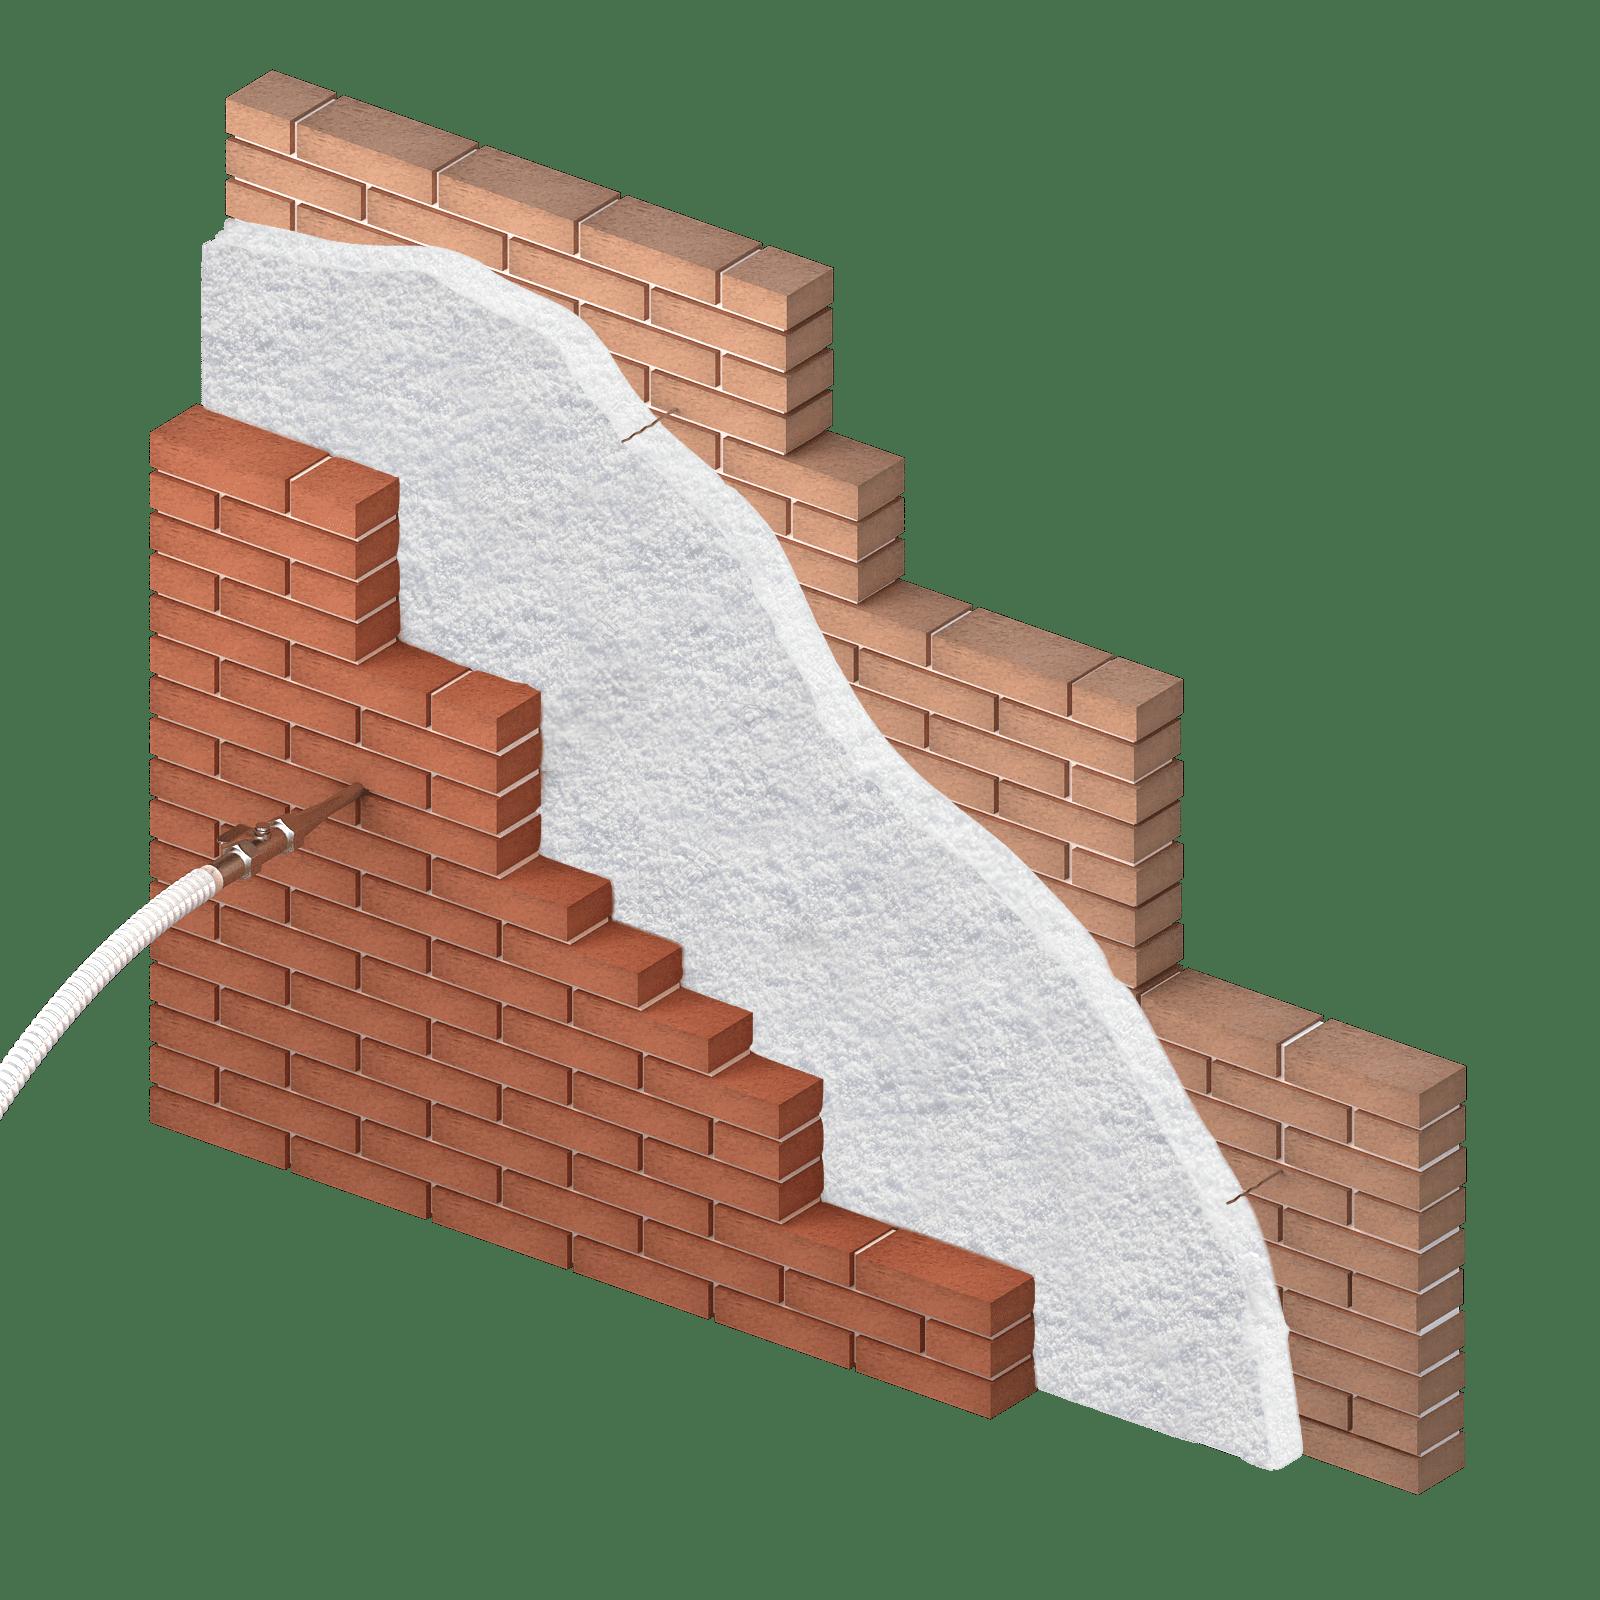 Aislamiento fibra de madera aislantes - Madera aislante termico ...